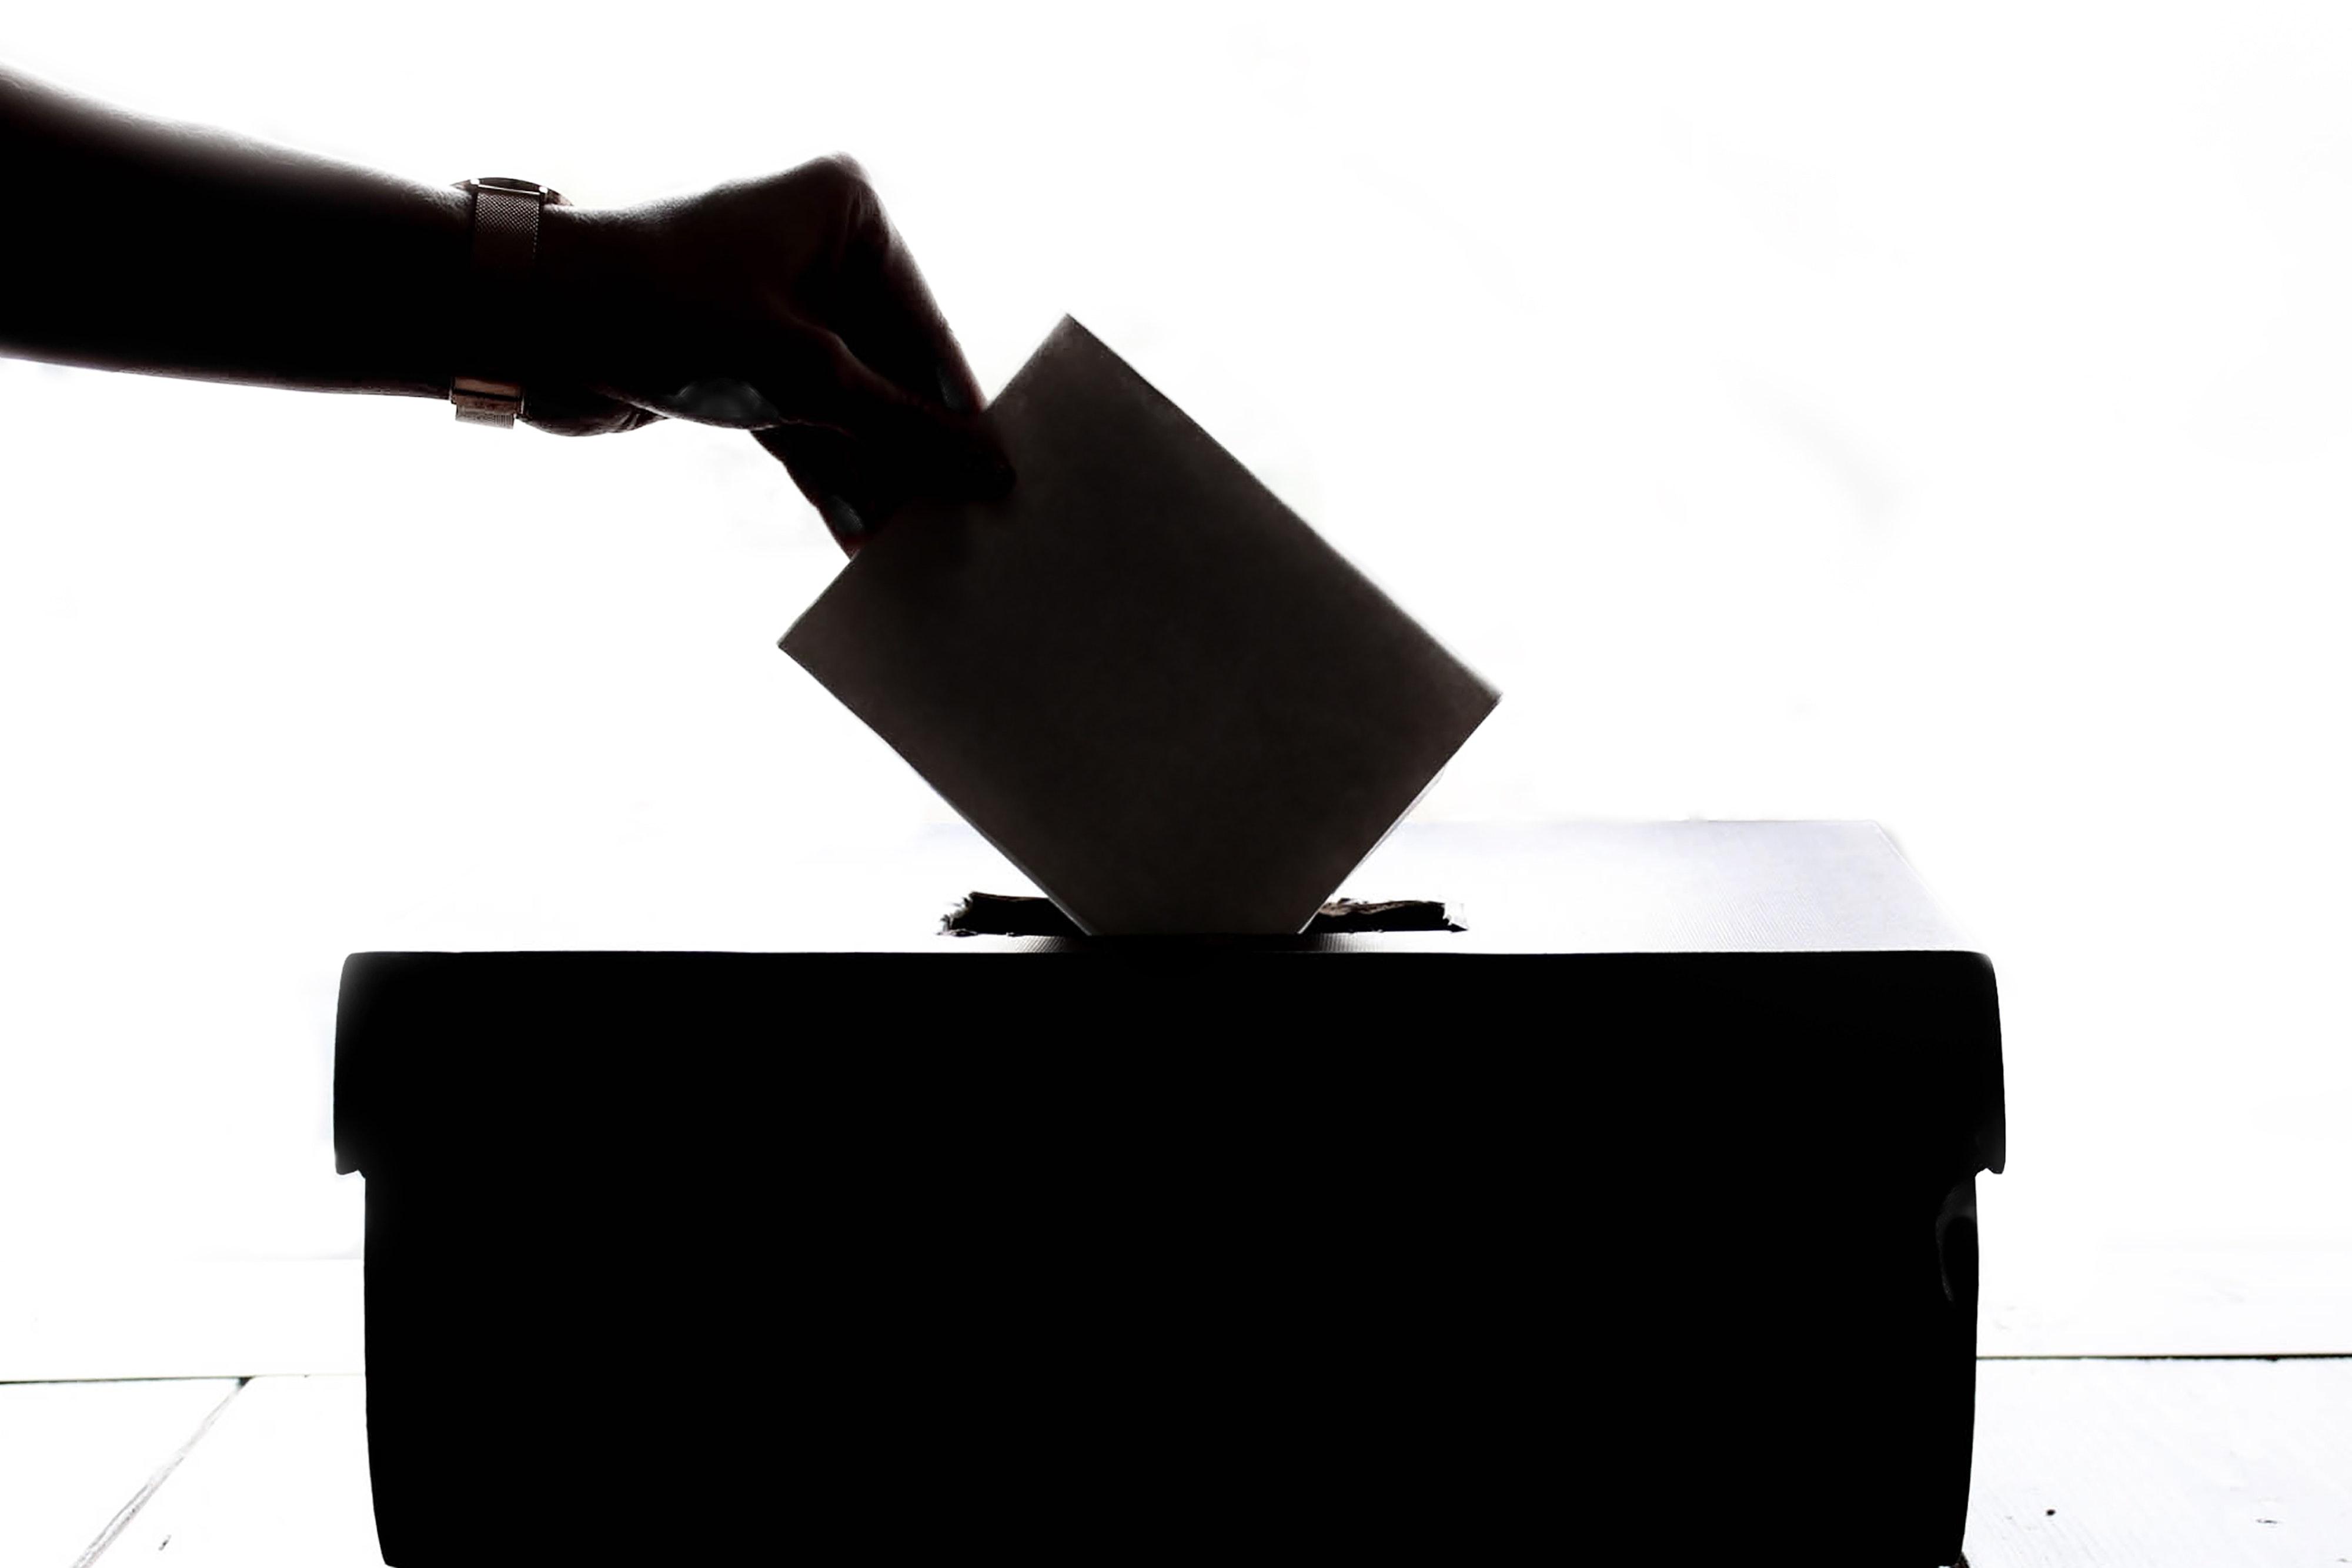 Imagen de una mujer depositando su voto en una urna.